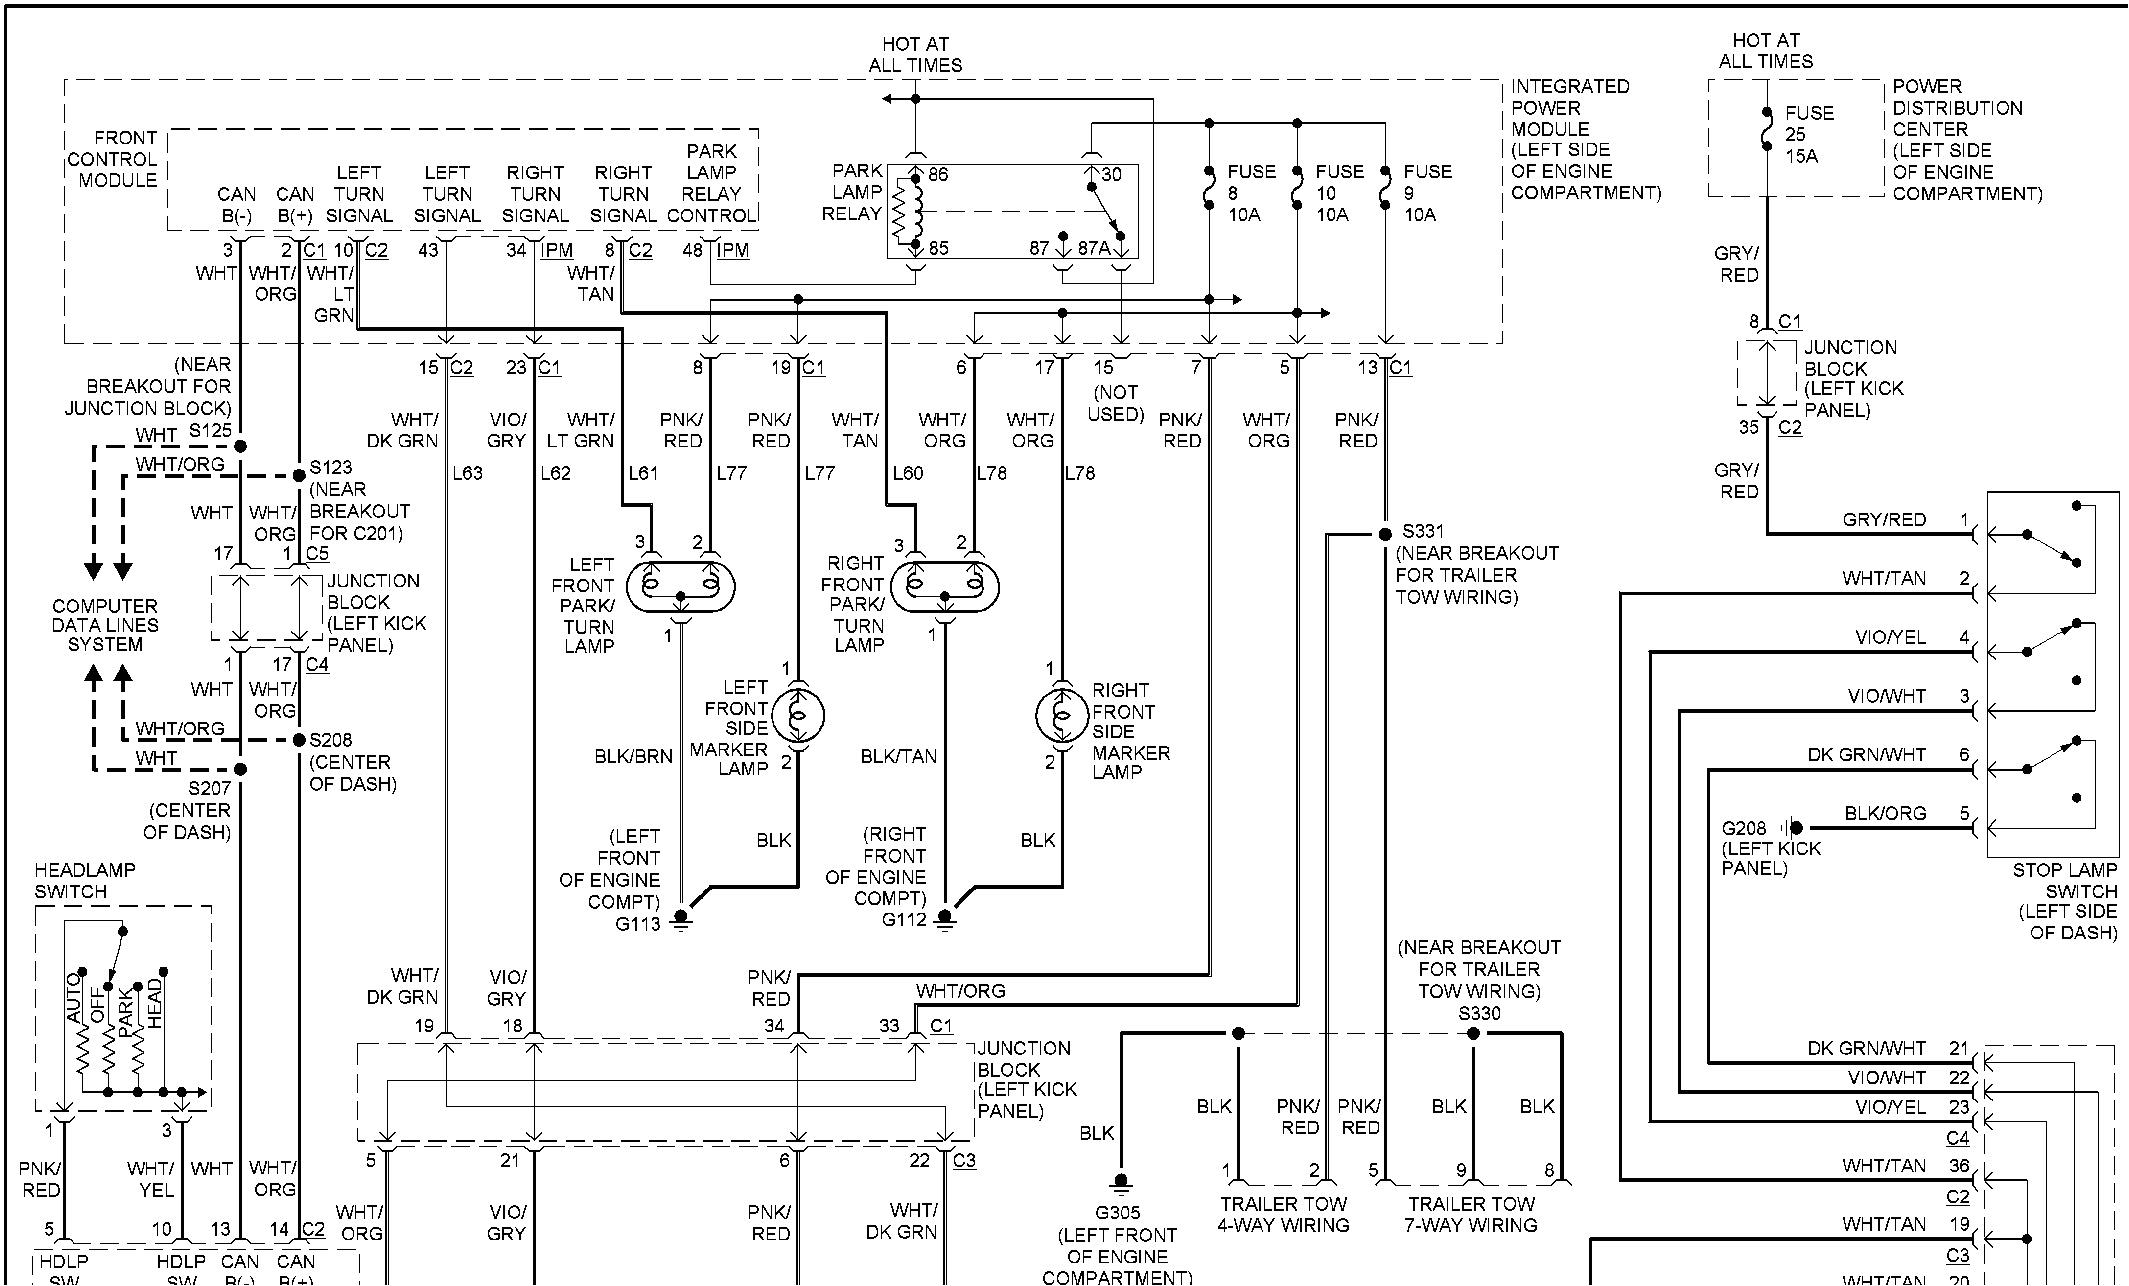 dodge durango wiring schematic blog wiring diagram 2002 dodge durango wiring schematics durango wiring schematics